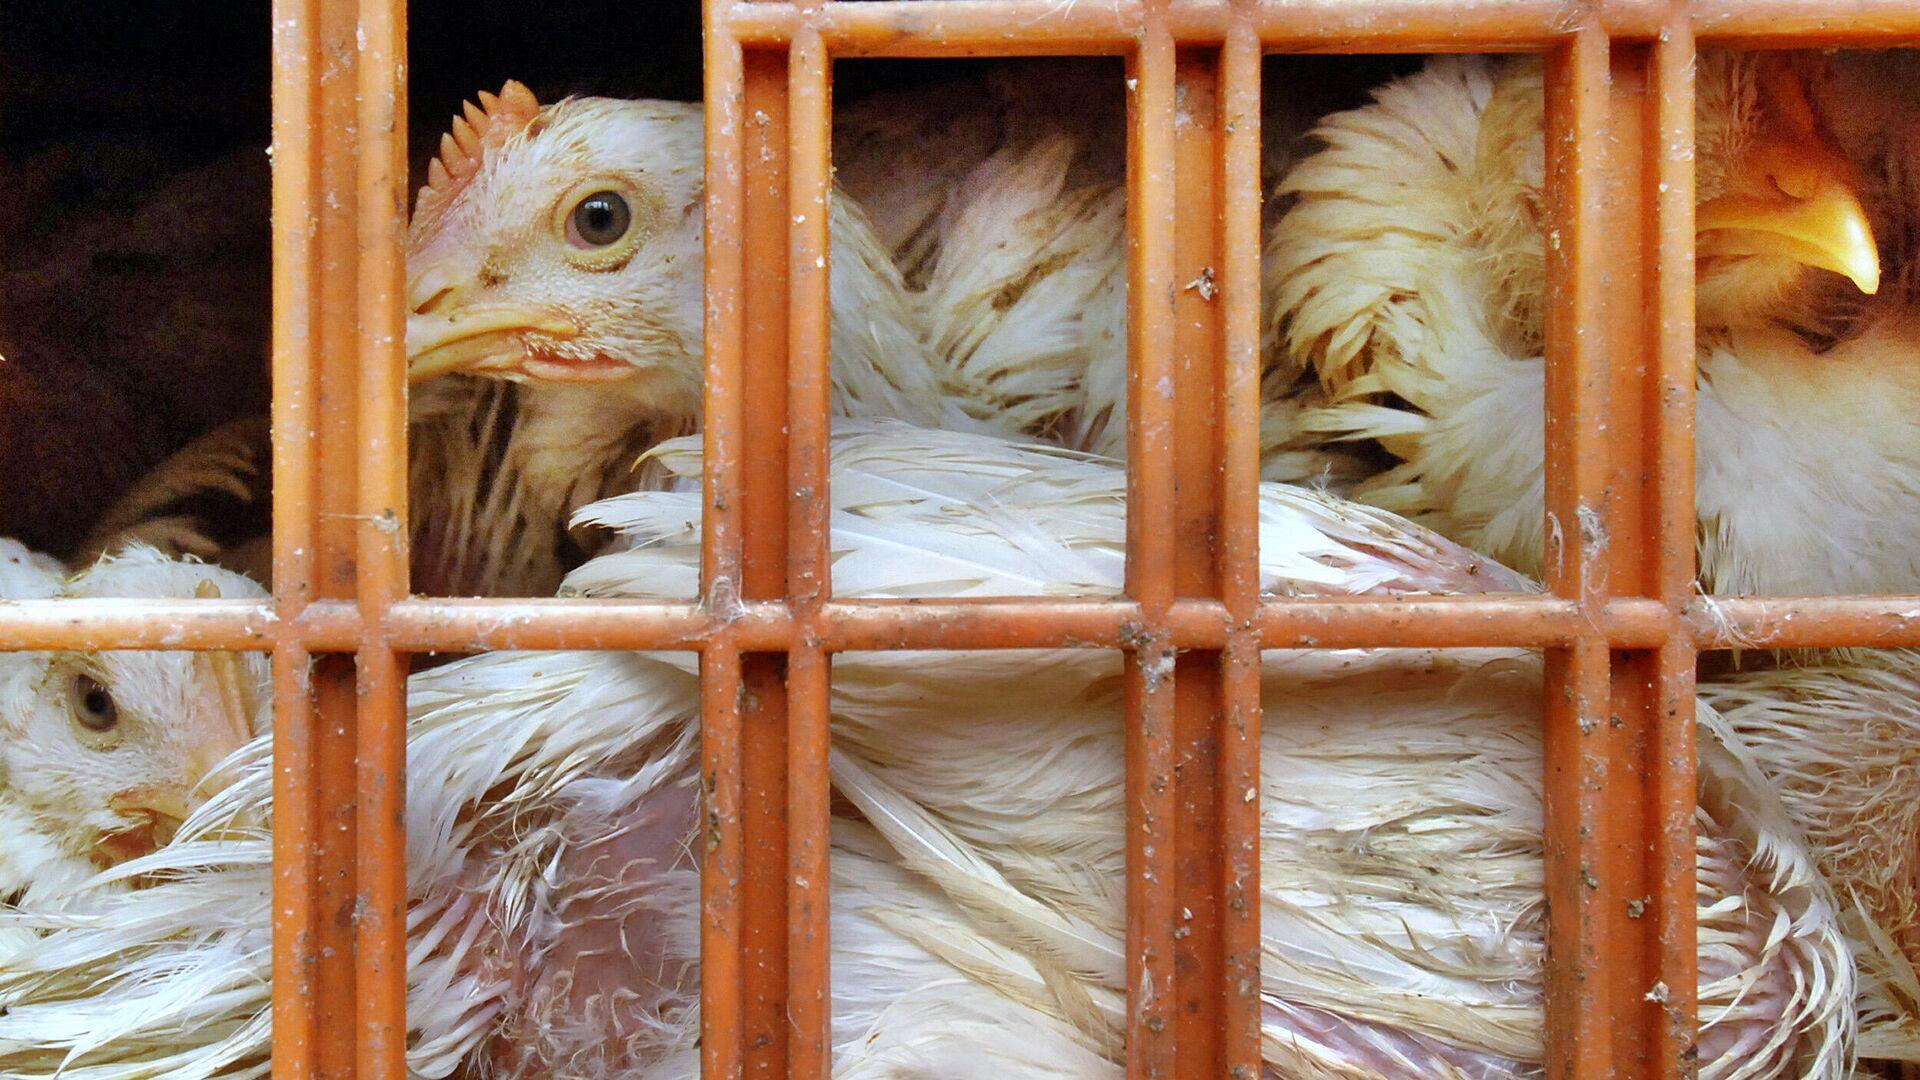 Kisten mit Hühnern - SNA, 1920, 11.05.2021